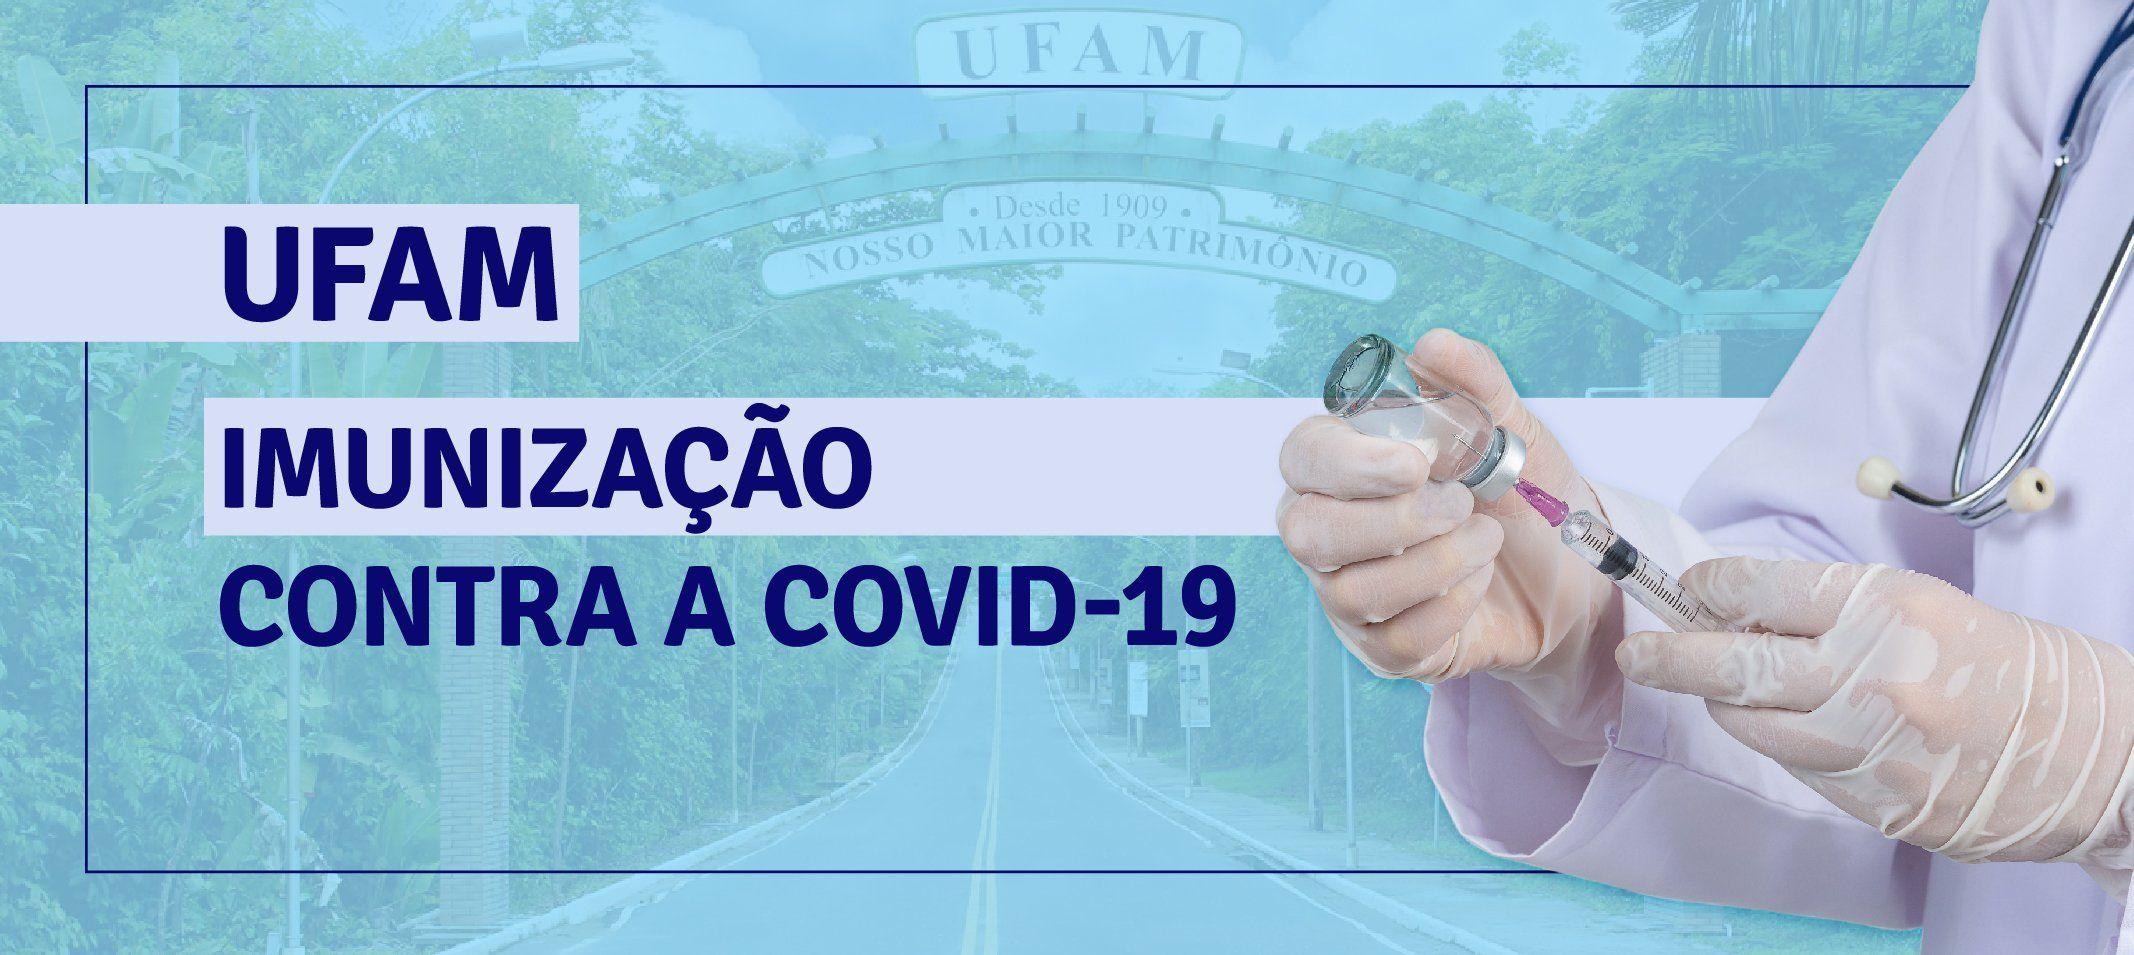 Ufam se dispõe a ajudar na operação de vacinação da covid-19